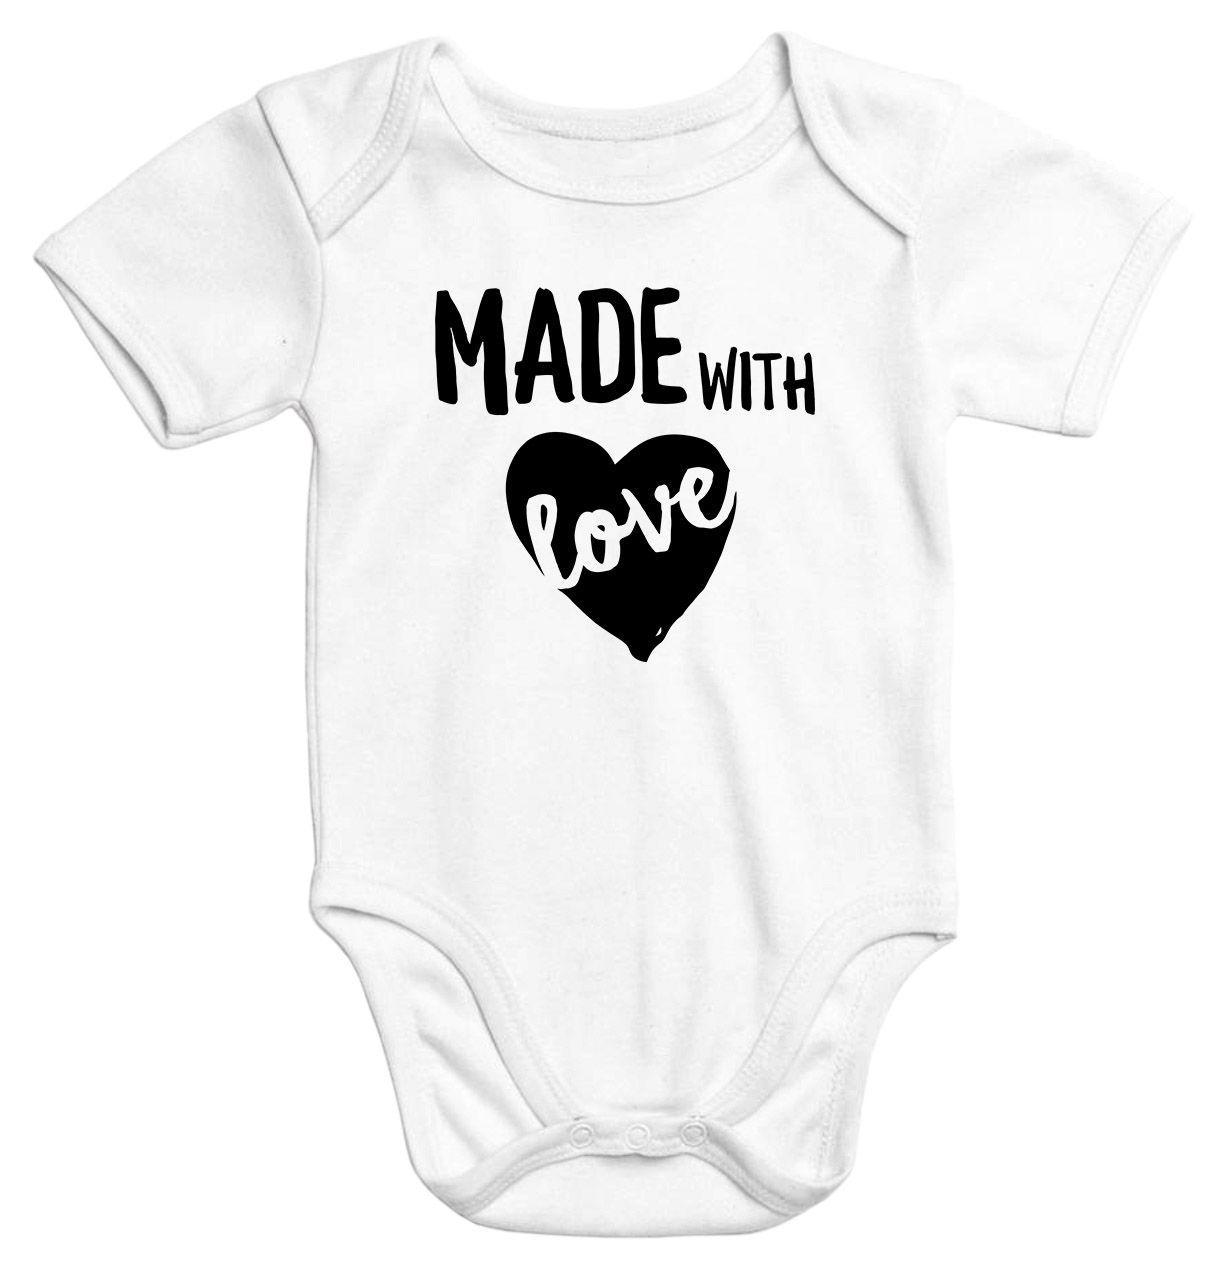 Baby Body Made With Love Herz Kurzarm Bio Baumwolle Aufdruck Moonworks Baby Body Spruche Baby Body Bemalen